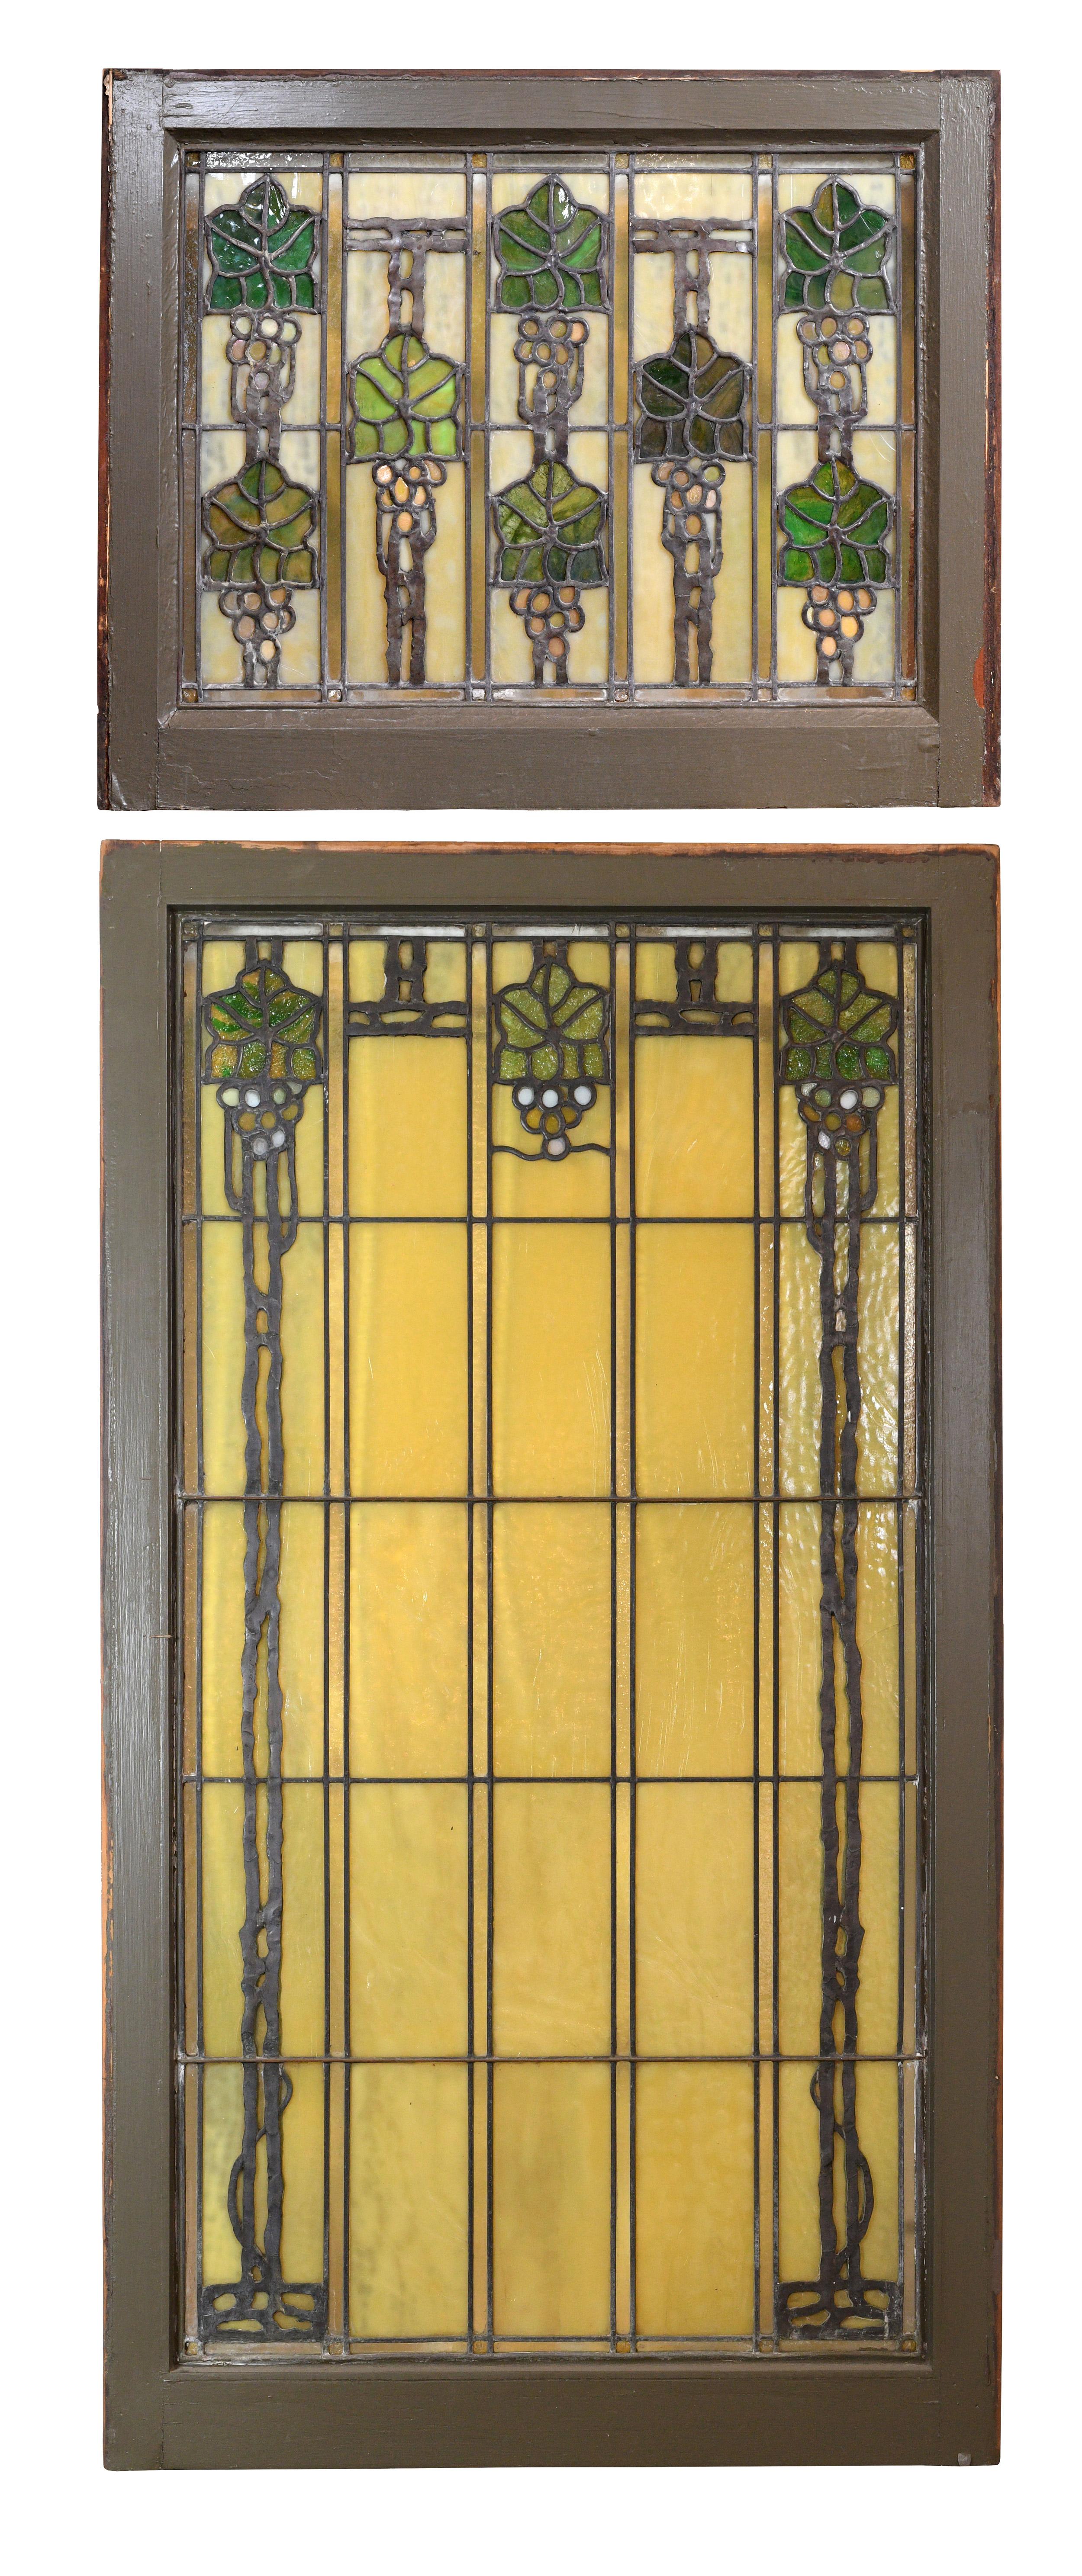 47809-bradstreet-grape-leaves-window-full-painted-side.jpg